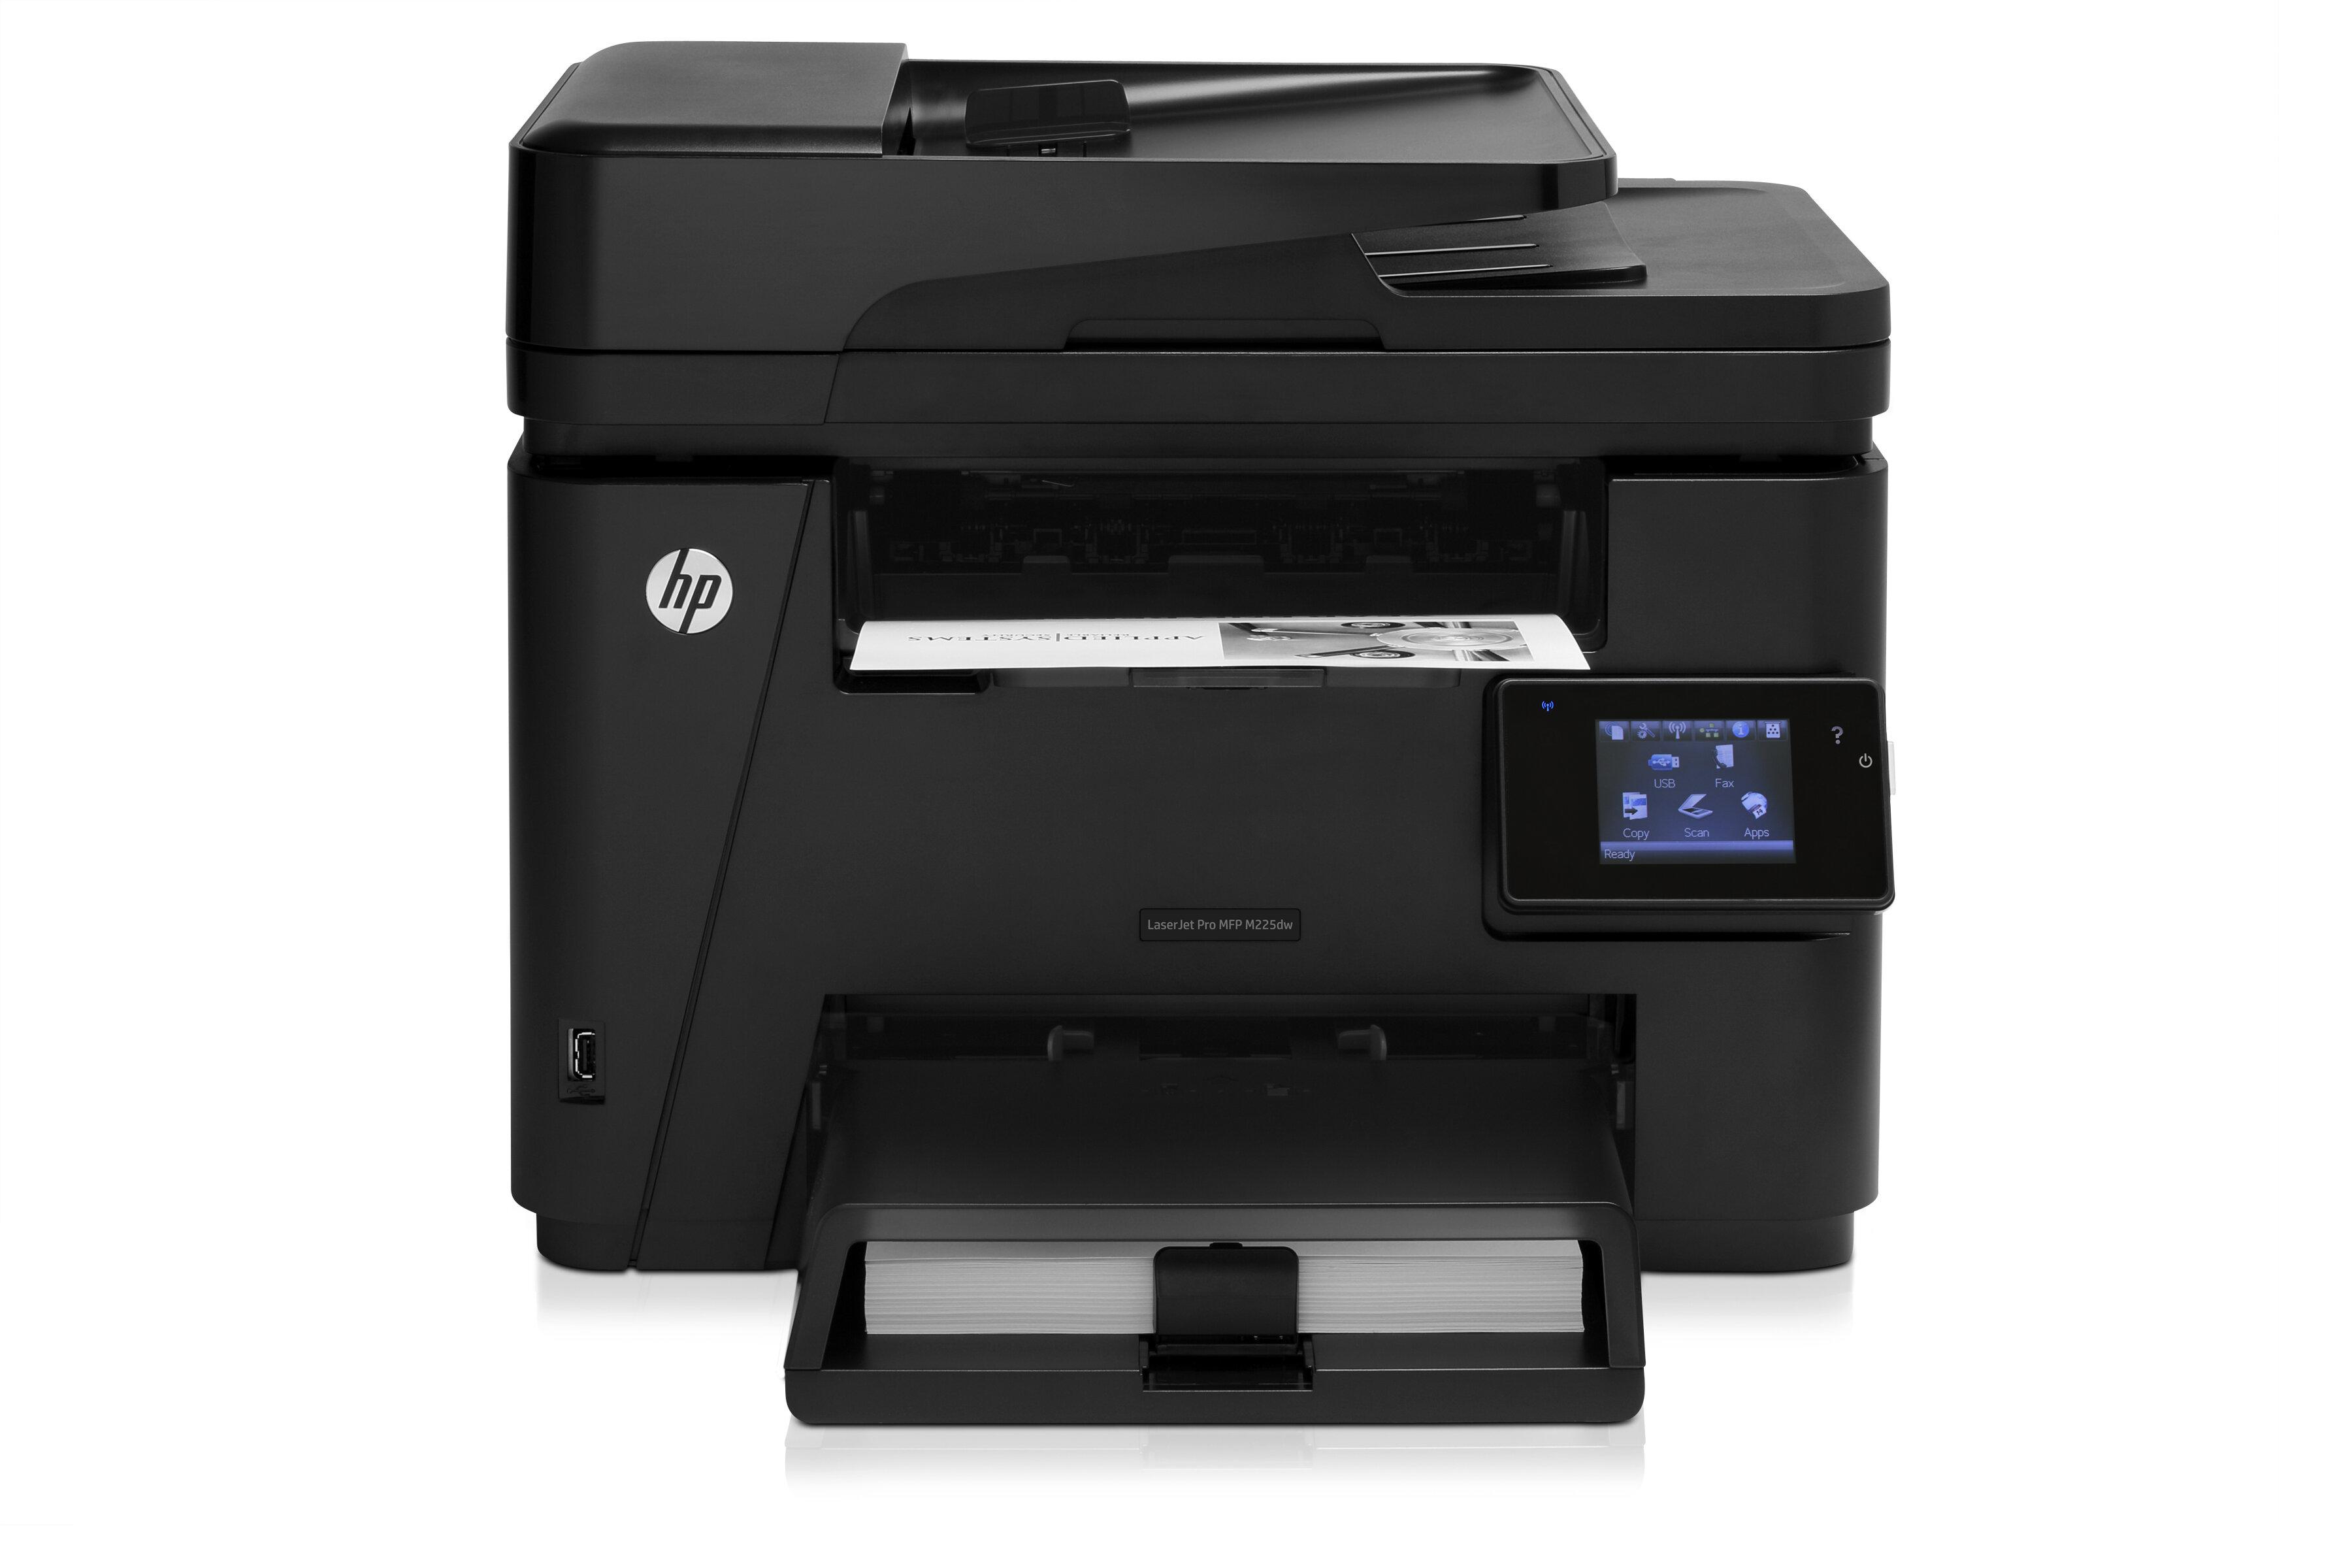 Đánh giá máy in laser có scan, fax dành cho văn phòng vừa và nhỏ HP MFP M225